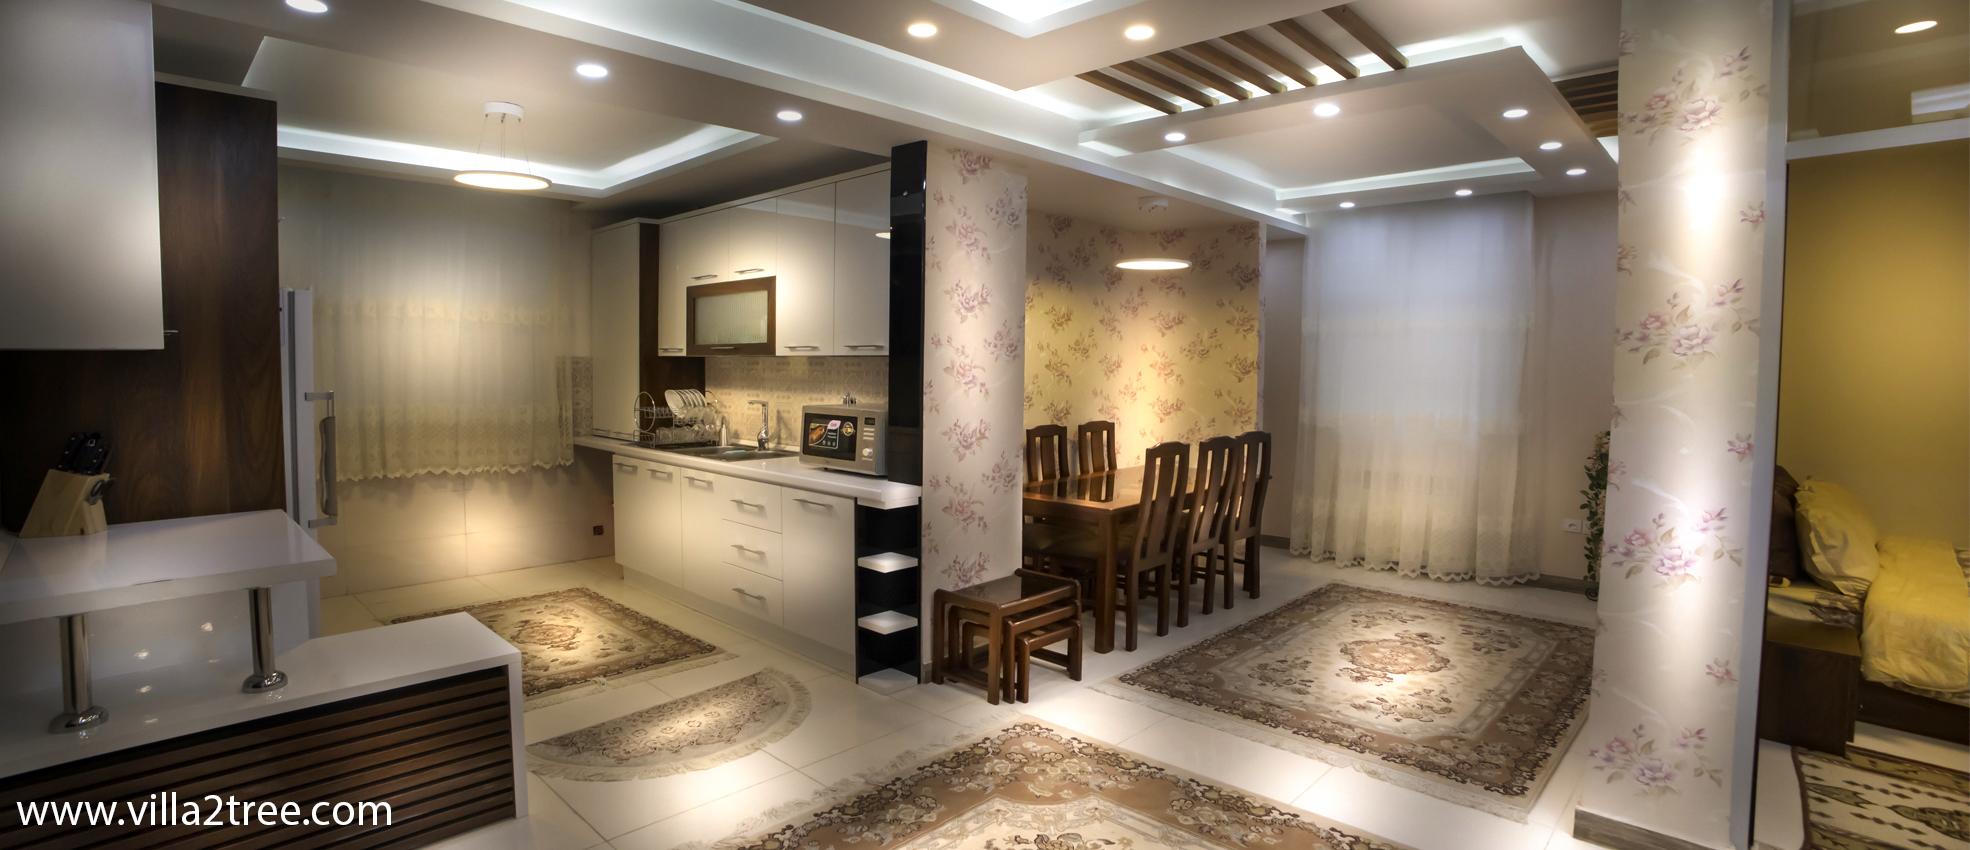 آپارتمان لوکس۹۰ متری دوخوابه طبقه۲